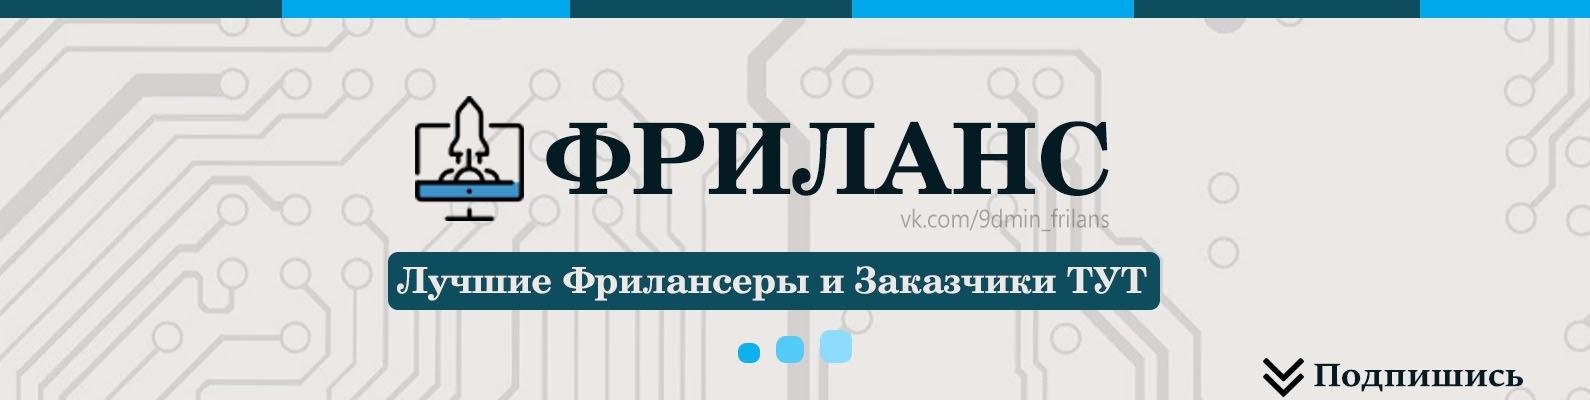 Фриланс дизайнеры фрилансер создание веб сайтов